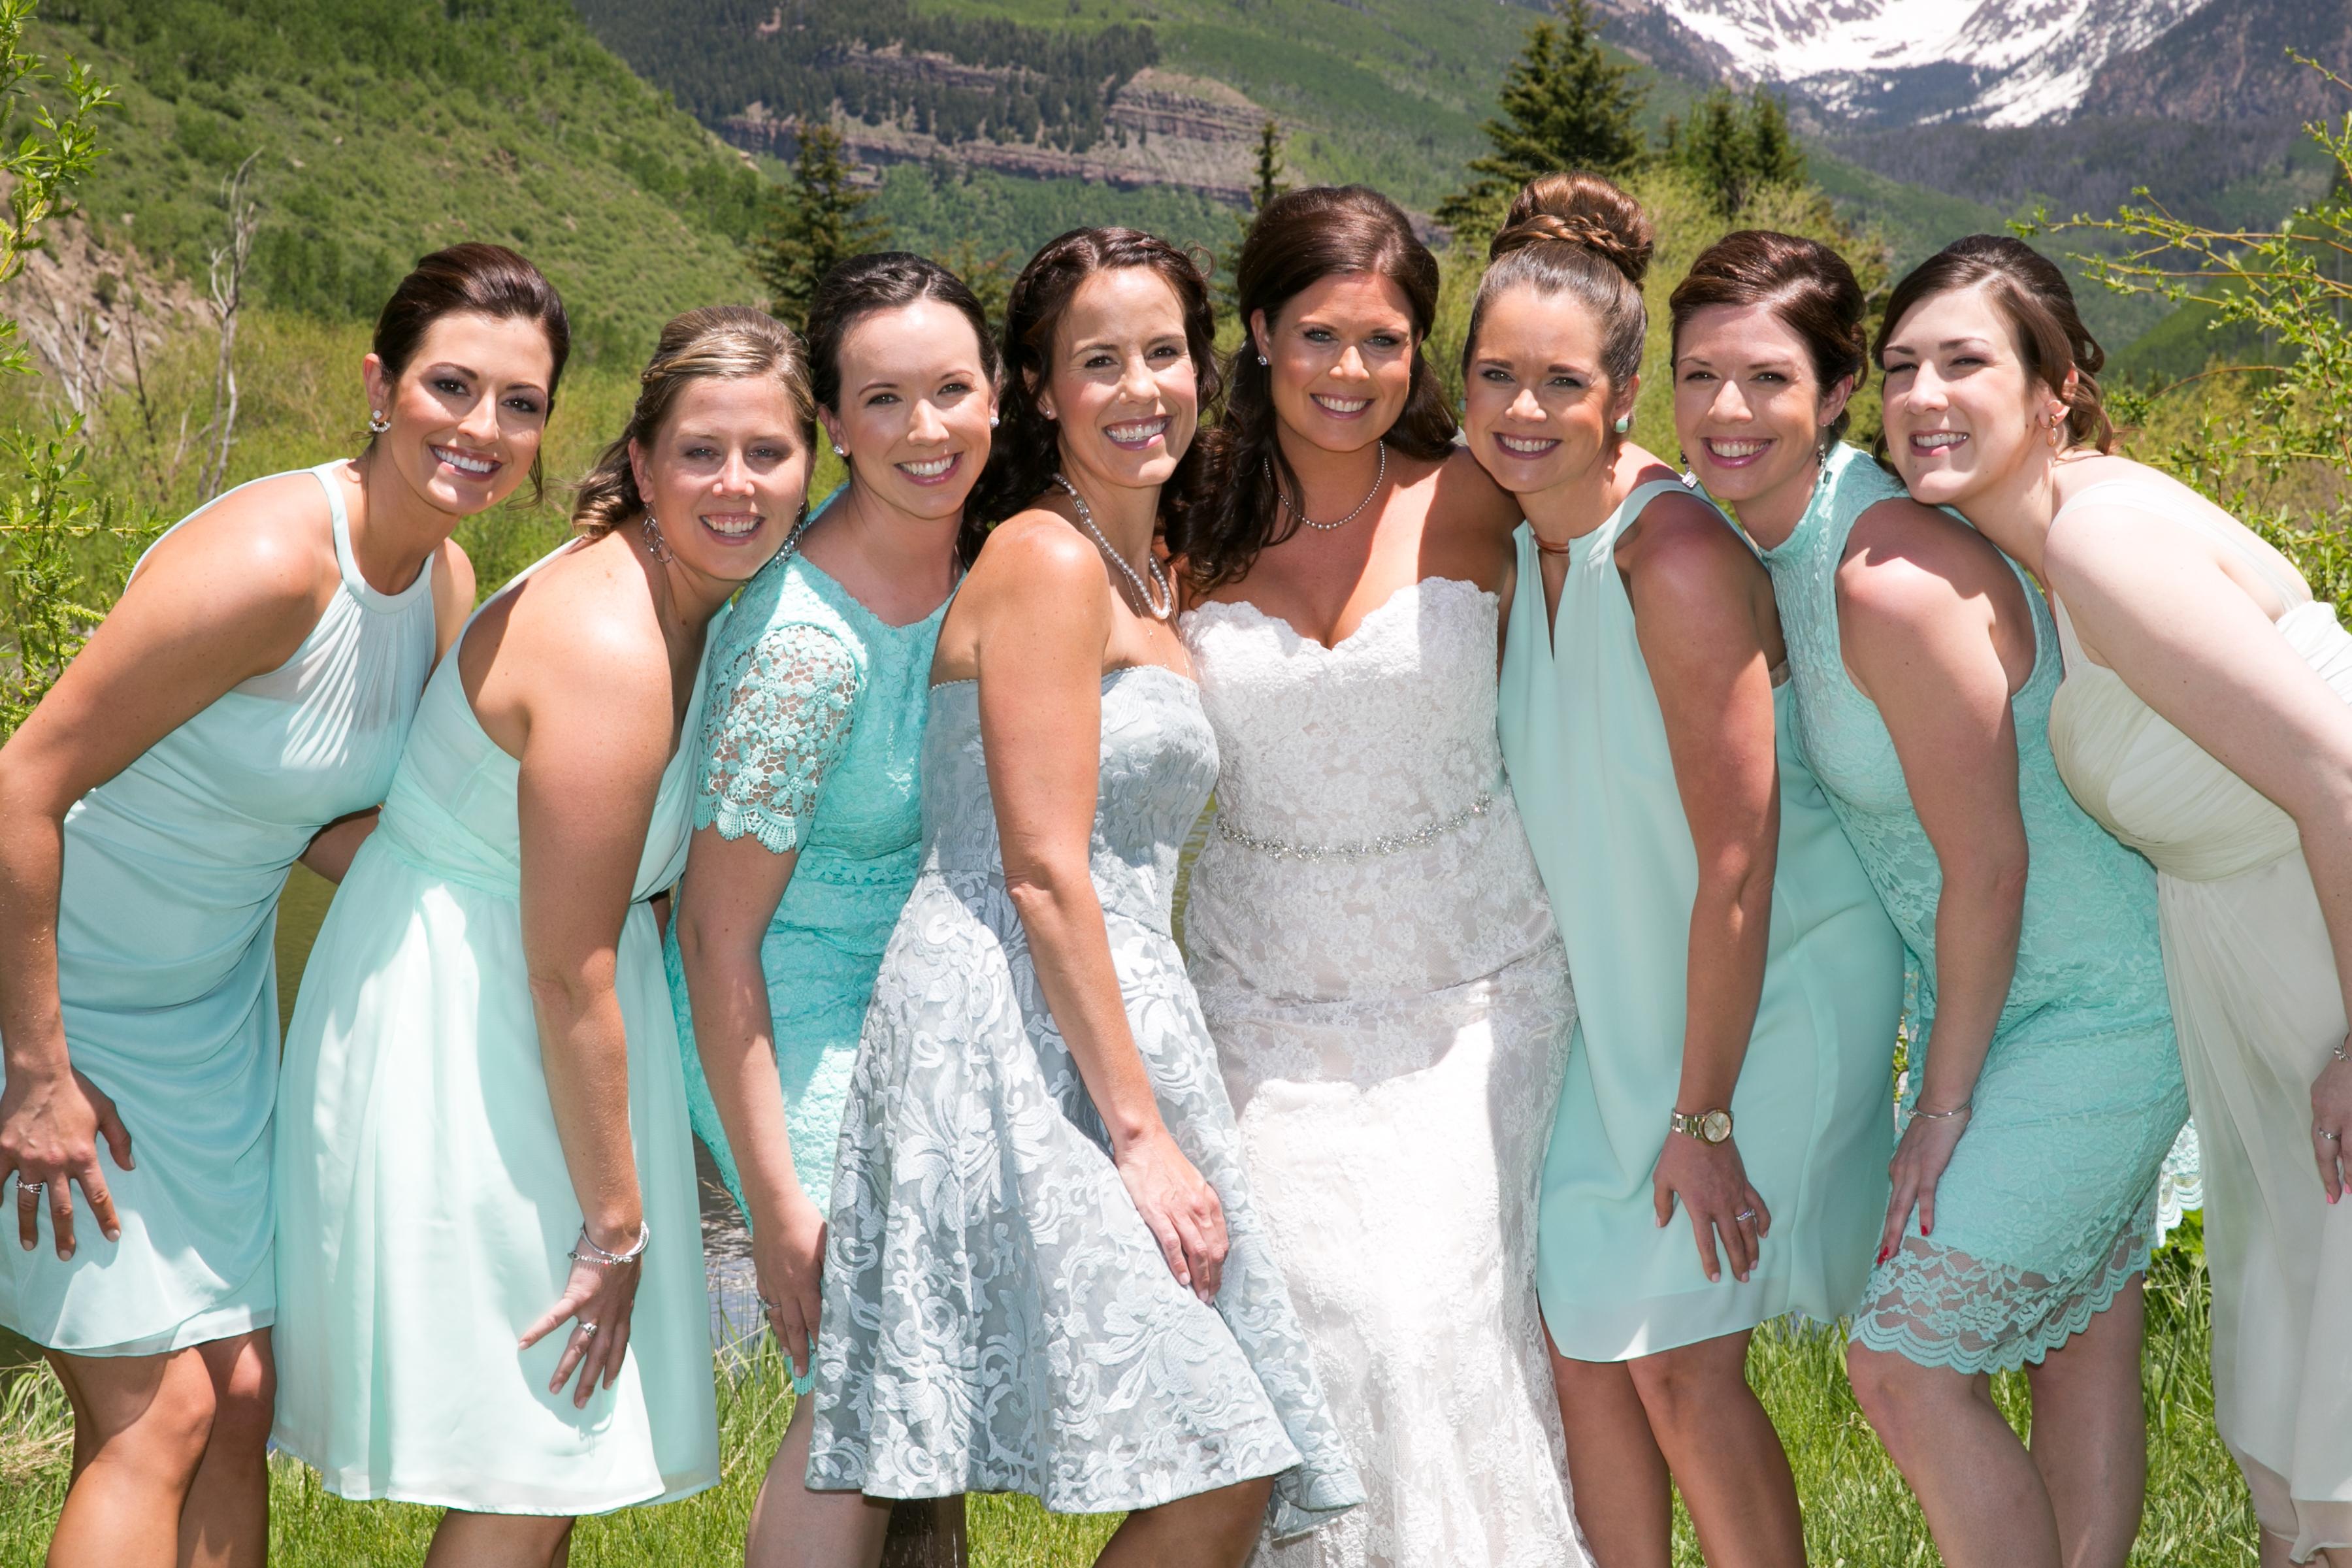 pixilstudio-weddings-118 (1)